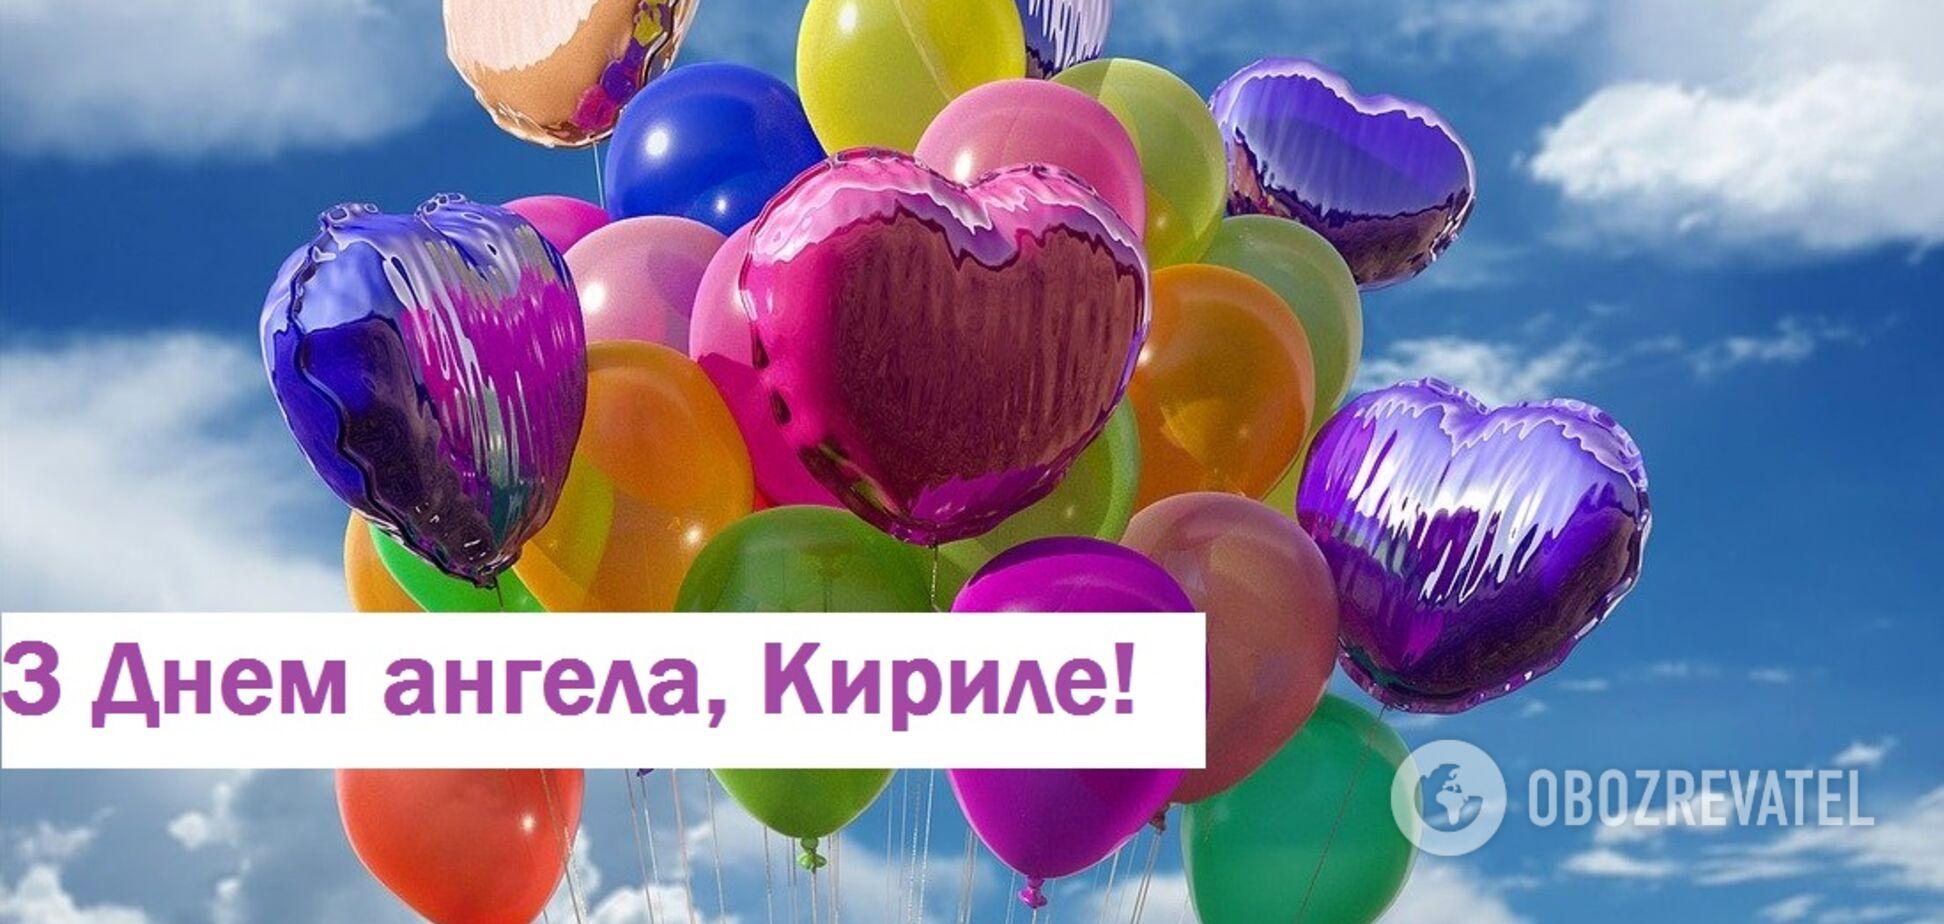 С Днем ангела Кирилла: поздравления, смс, картинки и видео